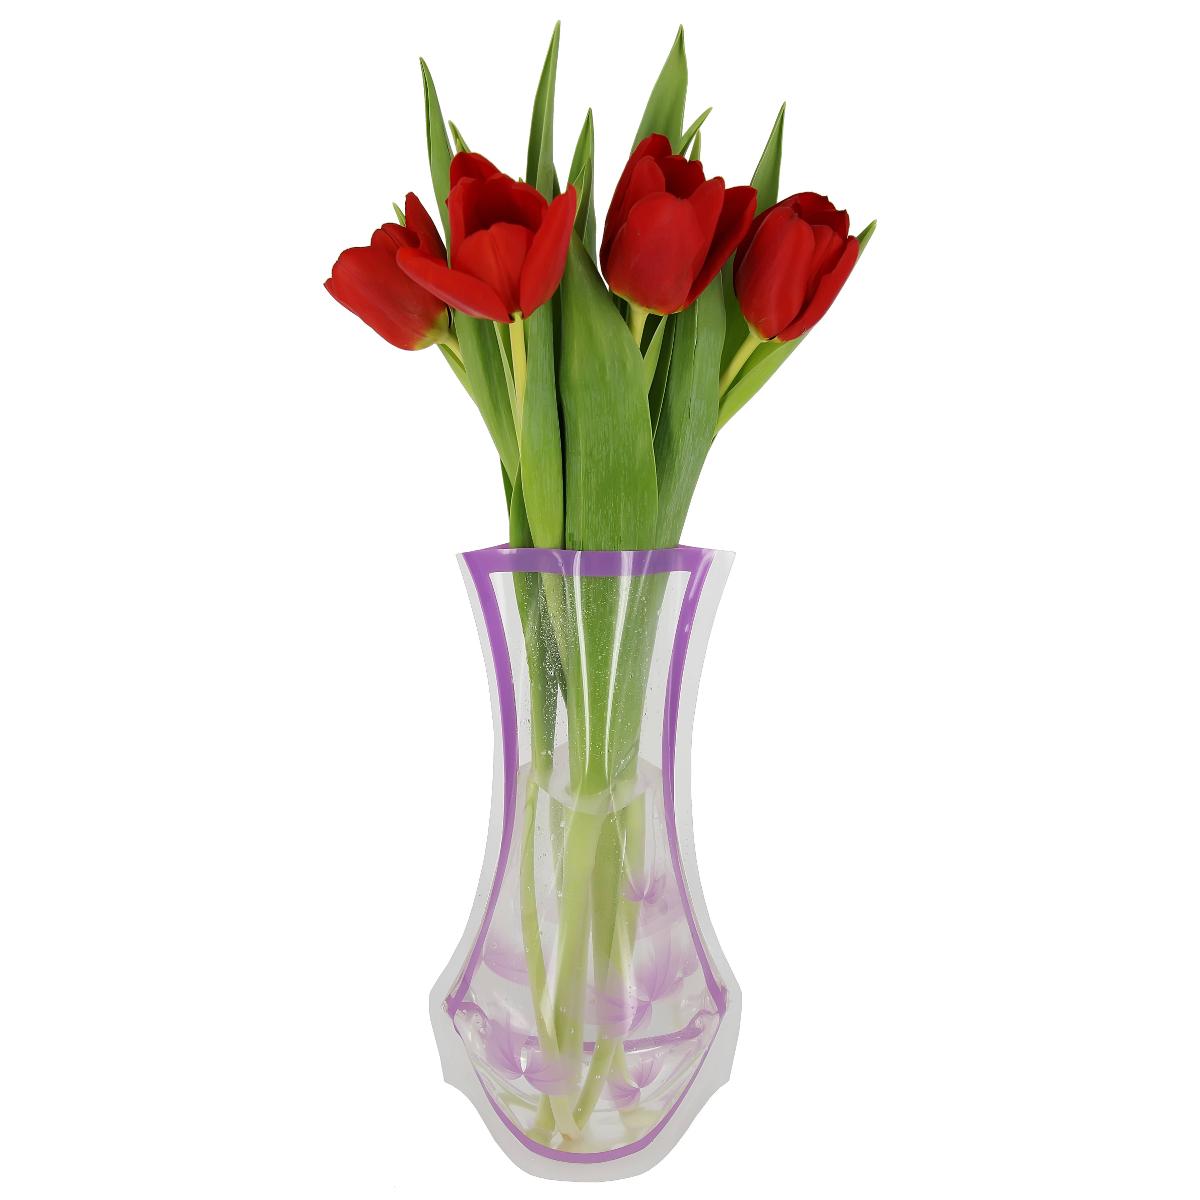 Ваза МастерПроф Фиолетовые лепестки, пластичная, 1,2 лFS-91909Пластичная ваза Фиолетовые лепестки легко складывается, удобно хранится - занимает мало места, долго служит. Всегда пригодится дома, в офисе, на даче, для оформления различных меропритятий. Отлично подойдет для перевозки цветов, или просто в подарок.Инструкция: 1. Наполните вазу теплой водой;2. Дно и стенки расправятся;3. Вылейте воду;4. Наполните вазу холодной водой;5. Вставьте цветы.Меры предосторожности:Хранить вдали от источников тепла и яркого солнечного света. С осторожностью применять для растений с длинными стеблями и с крупными соцветиями, что бы избежать опрокидывания вазы.